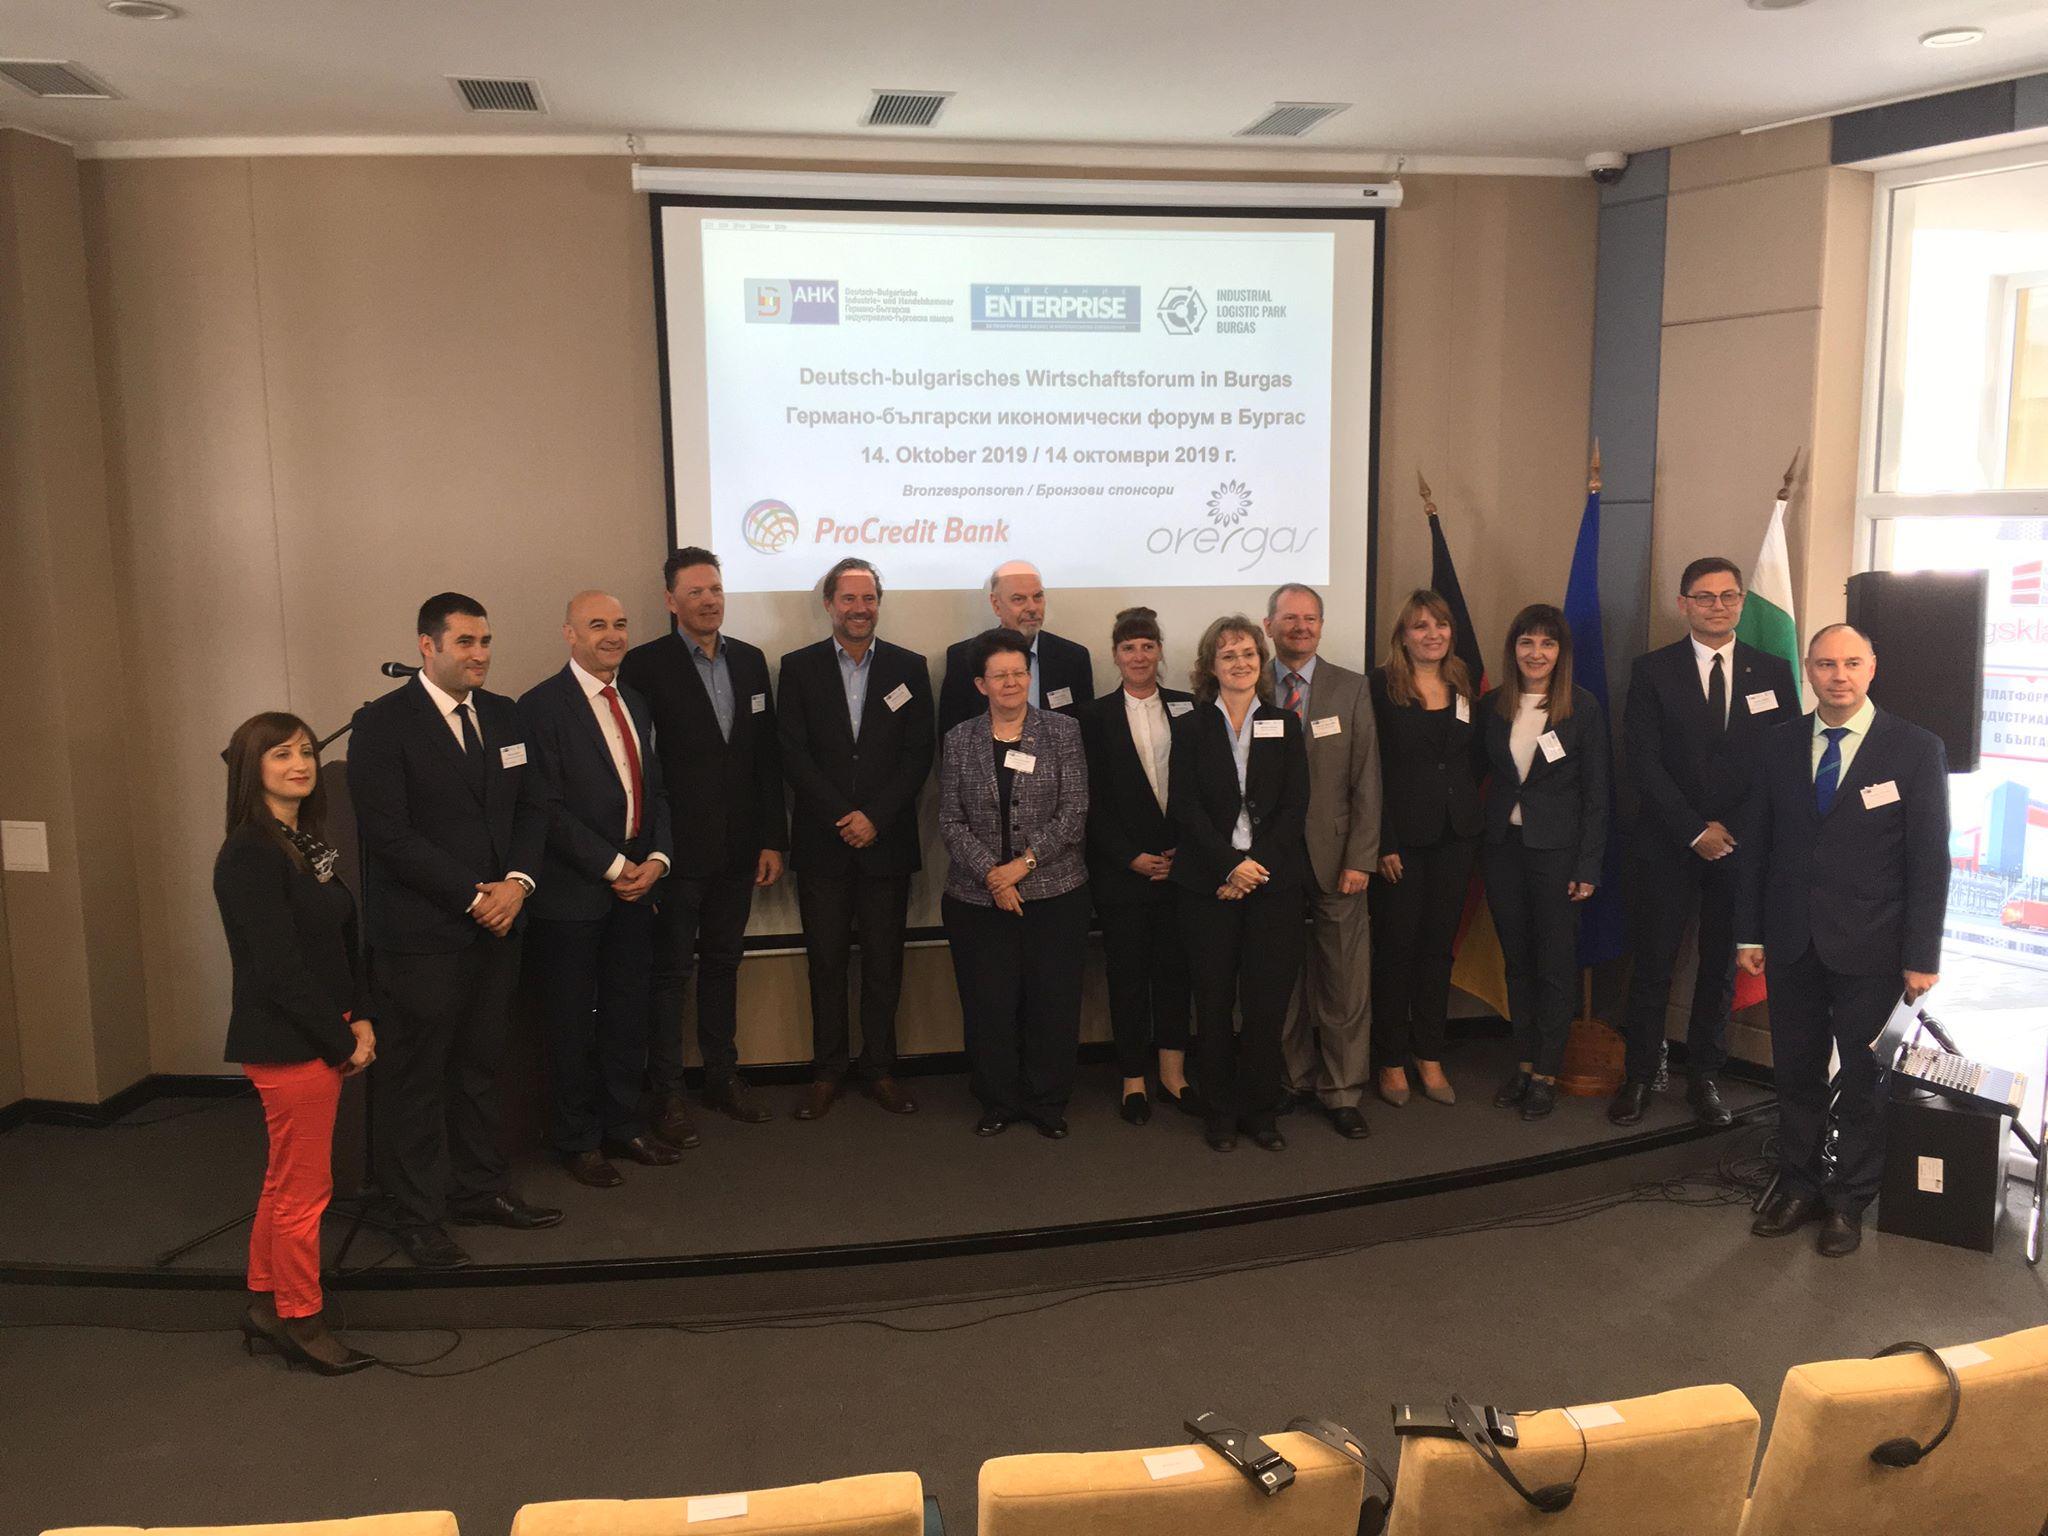 Германо-българската индустриално-търговска камара открива офис в Бургас